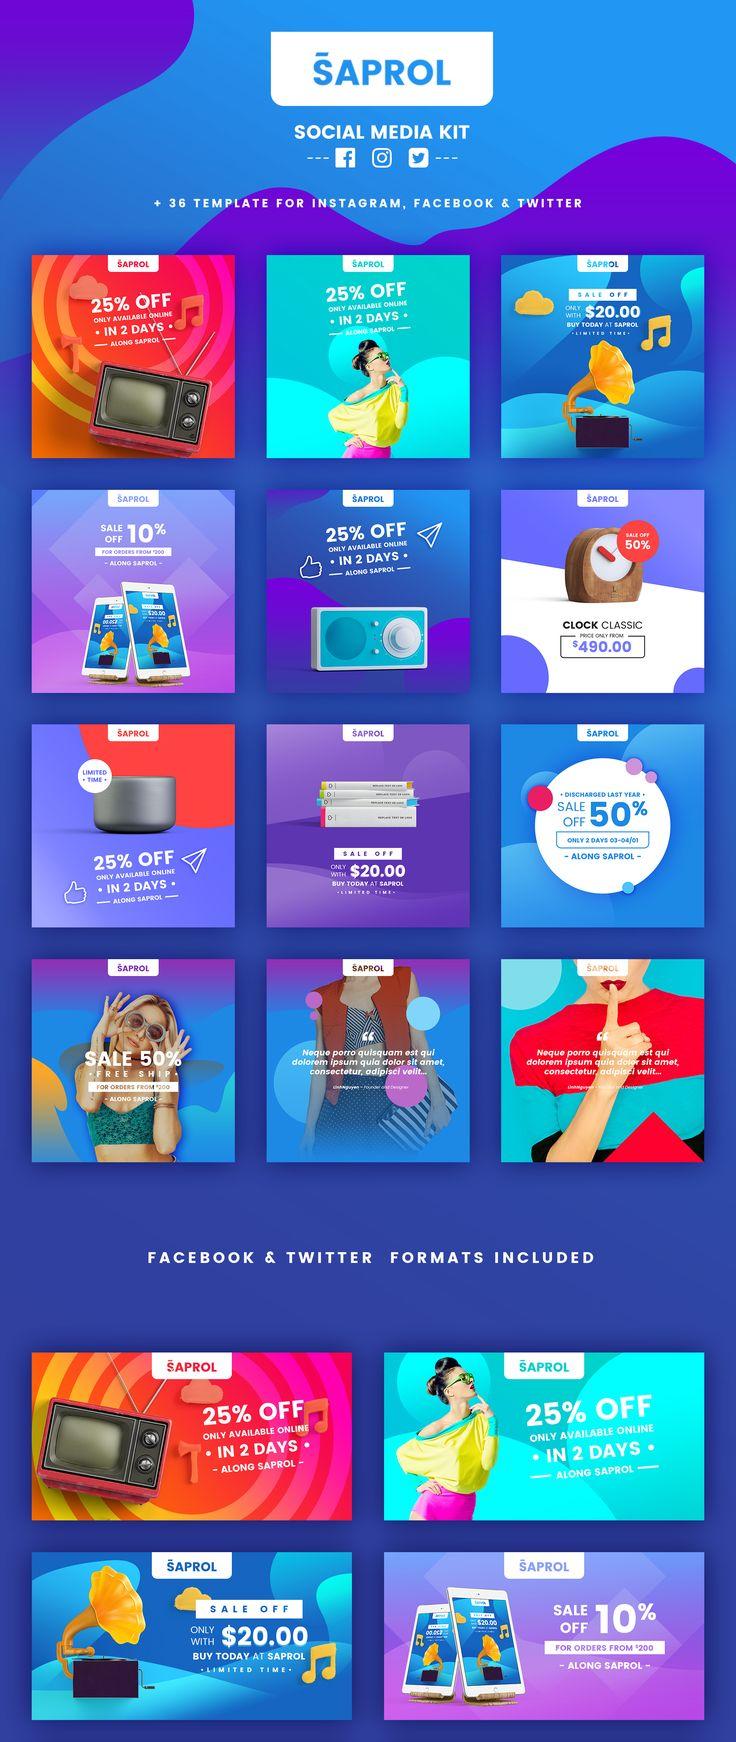 advertising media kit template - best 25 social media template ideas on pinterest what